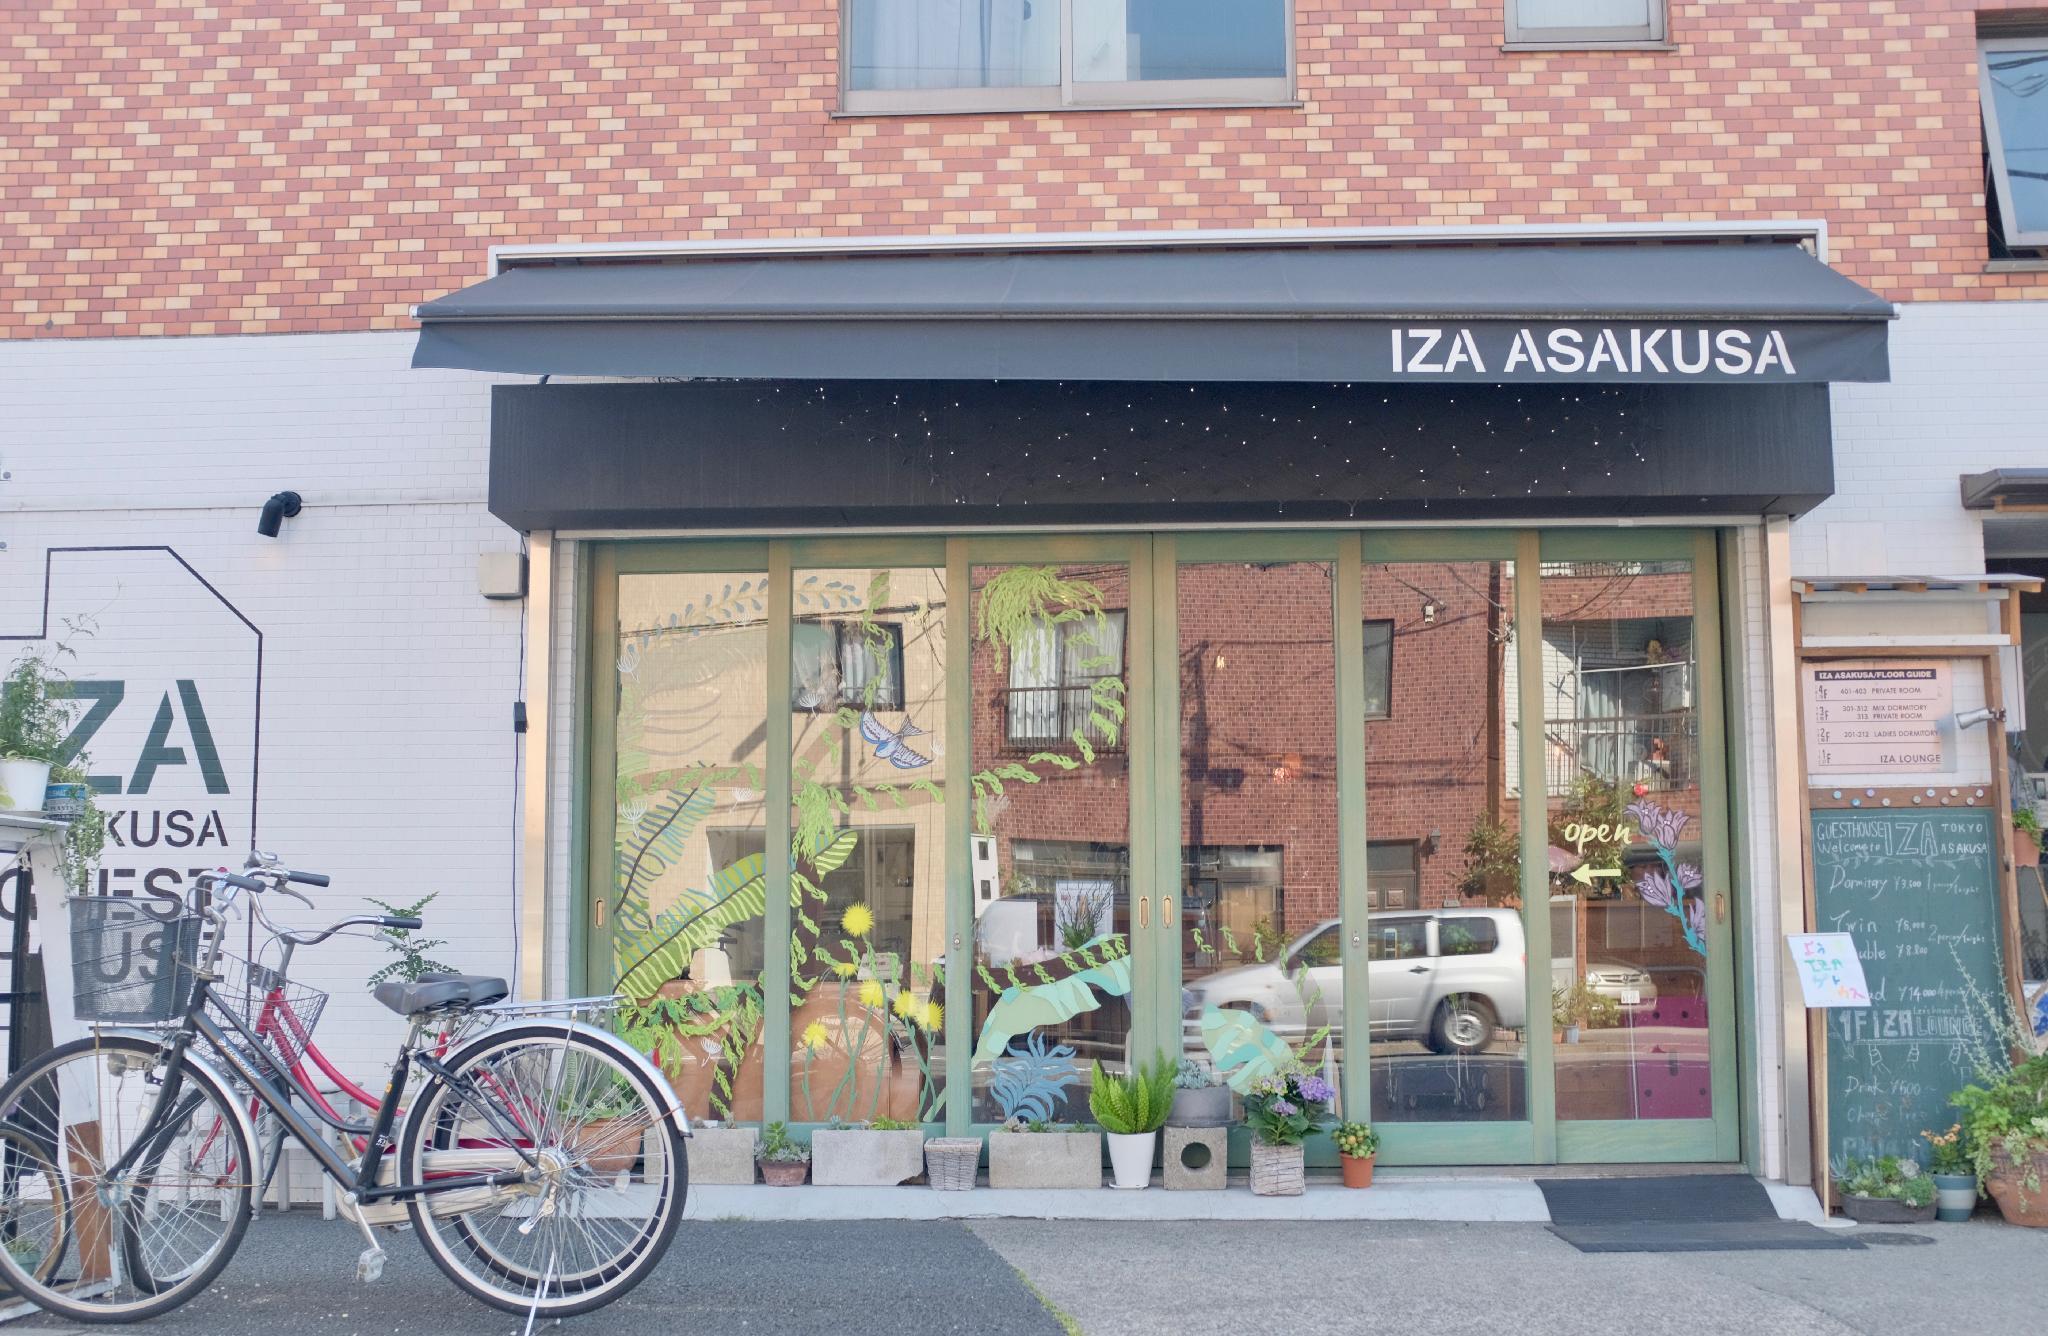 Iza Asakusa Guest House